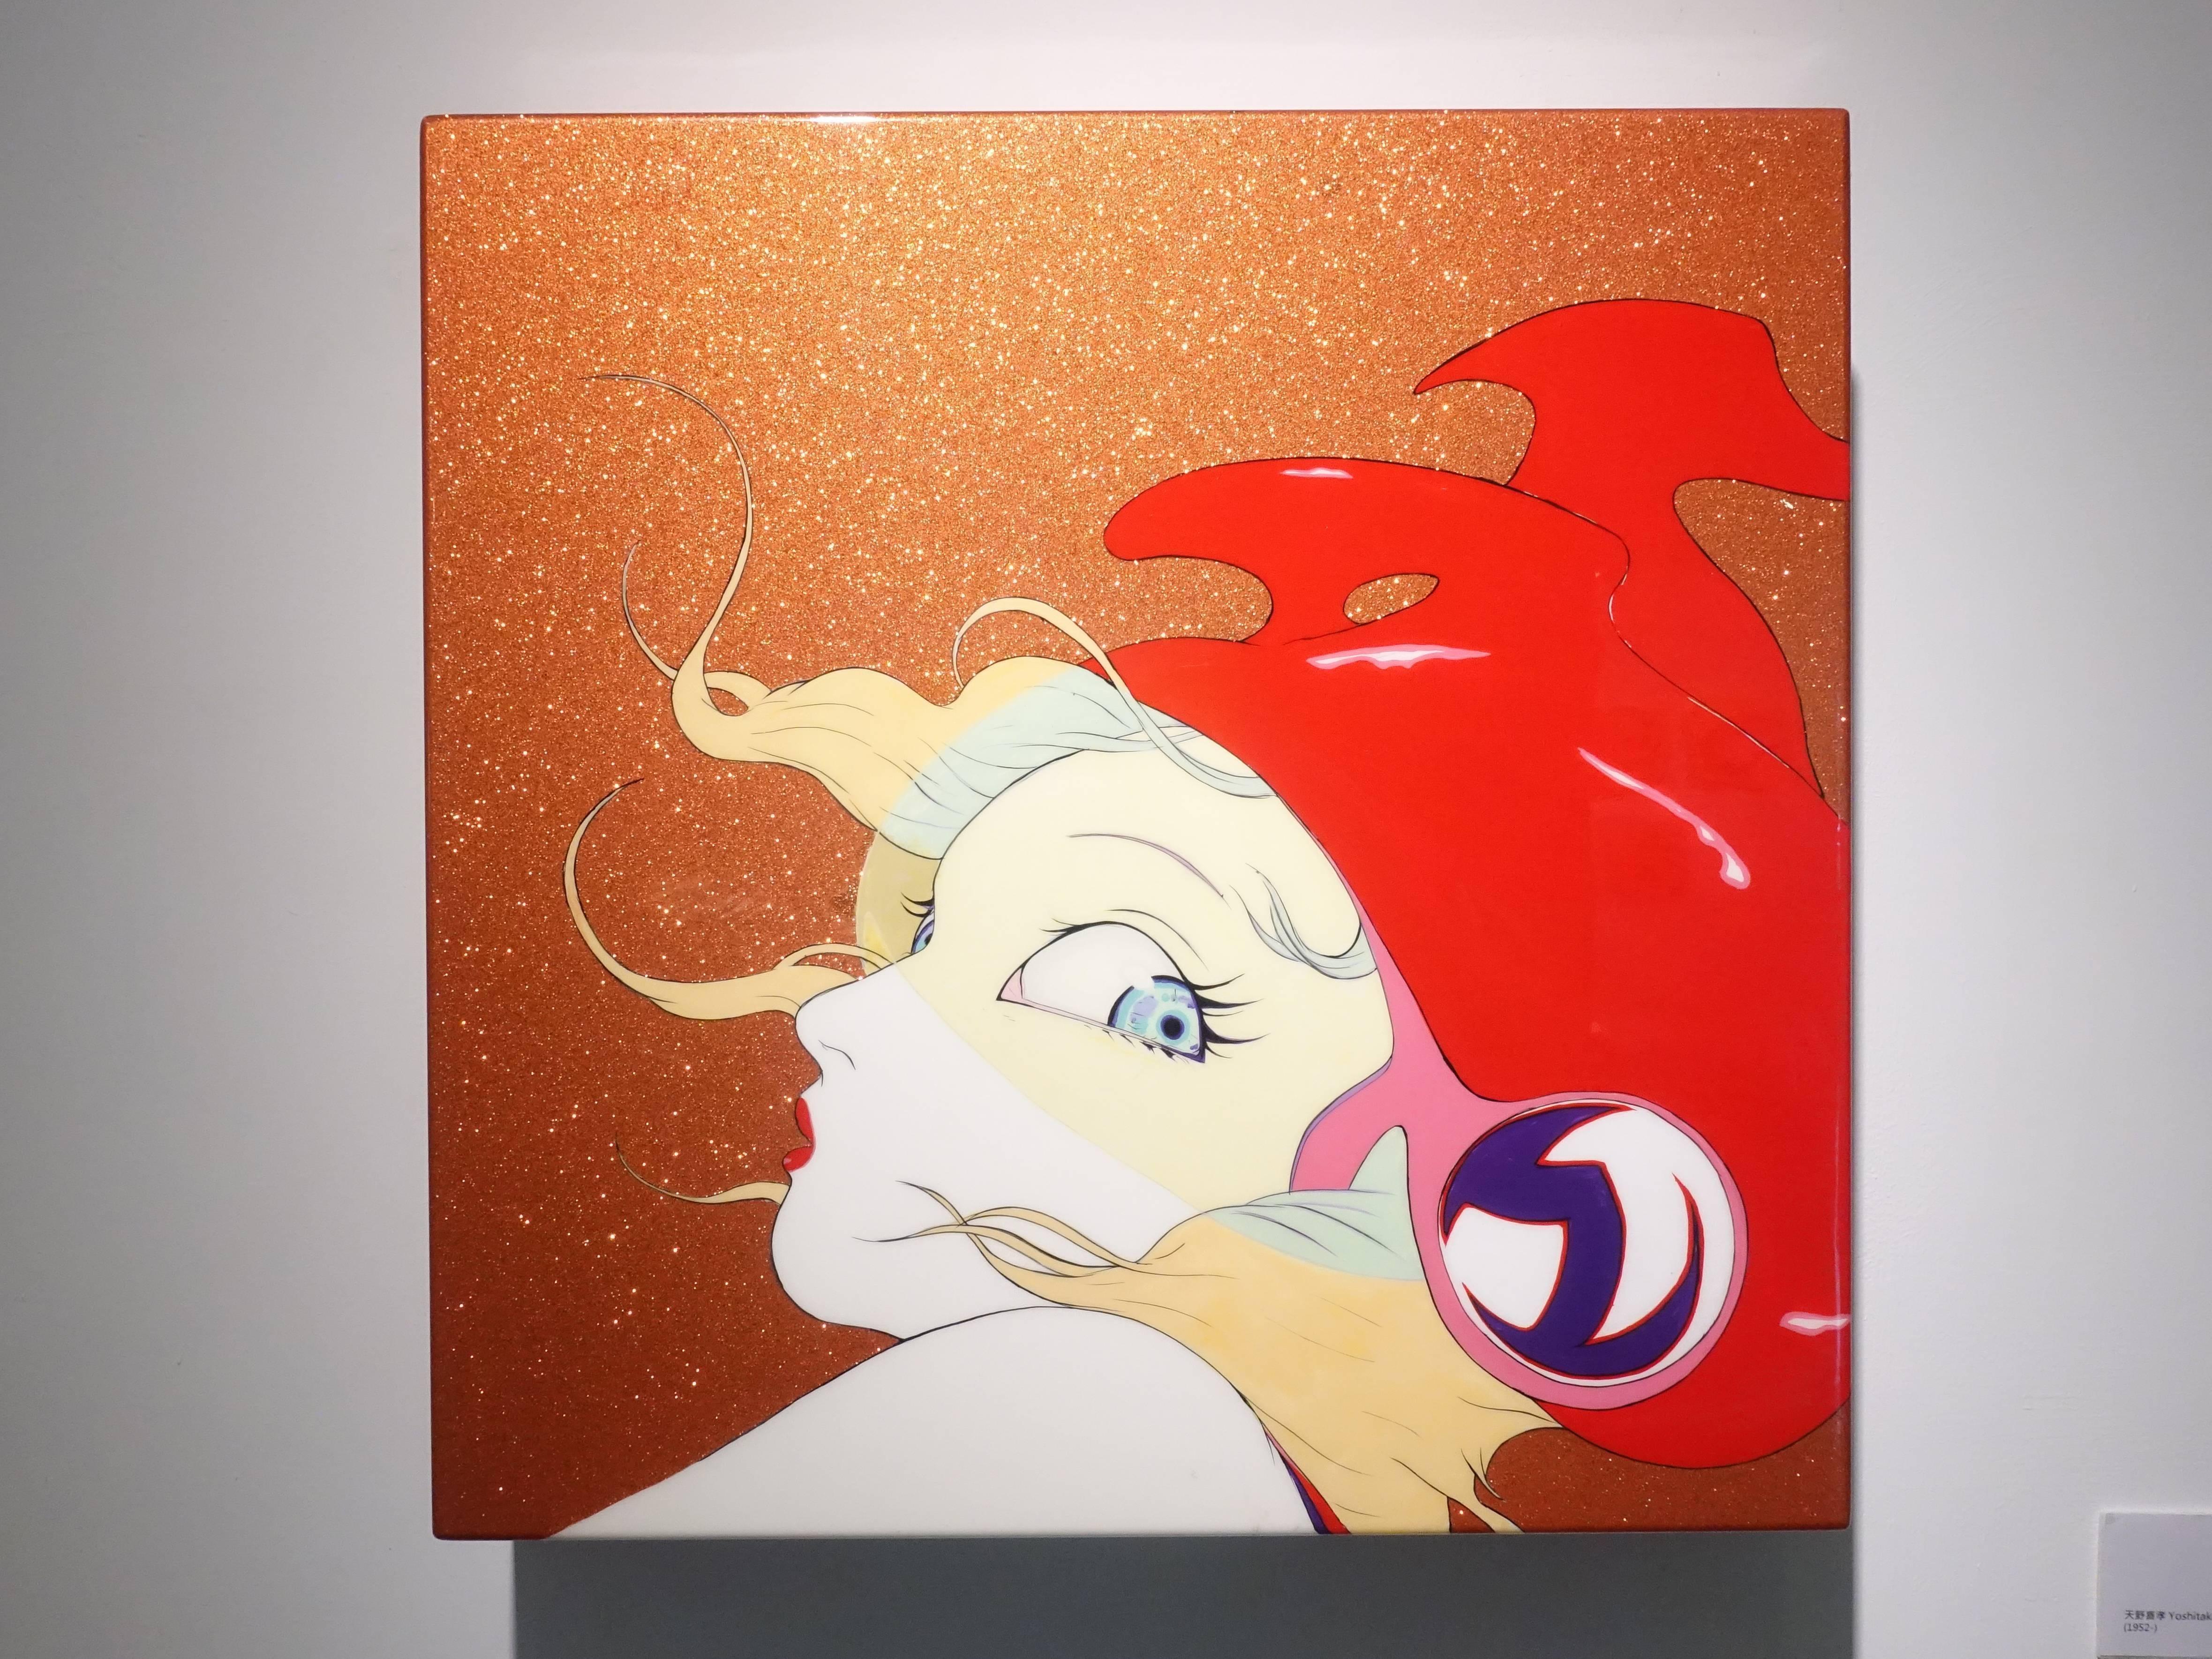 天野喜孝,《甜心女孩S-9》,50 x 50 x 10 cm,汽車烤漆、鋁板,2008。